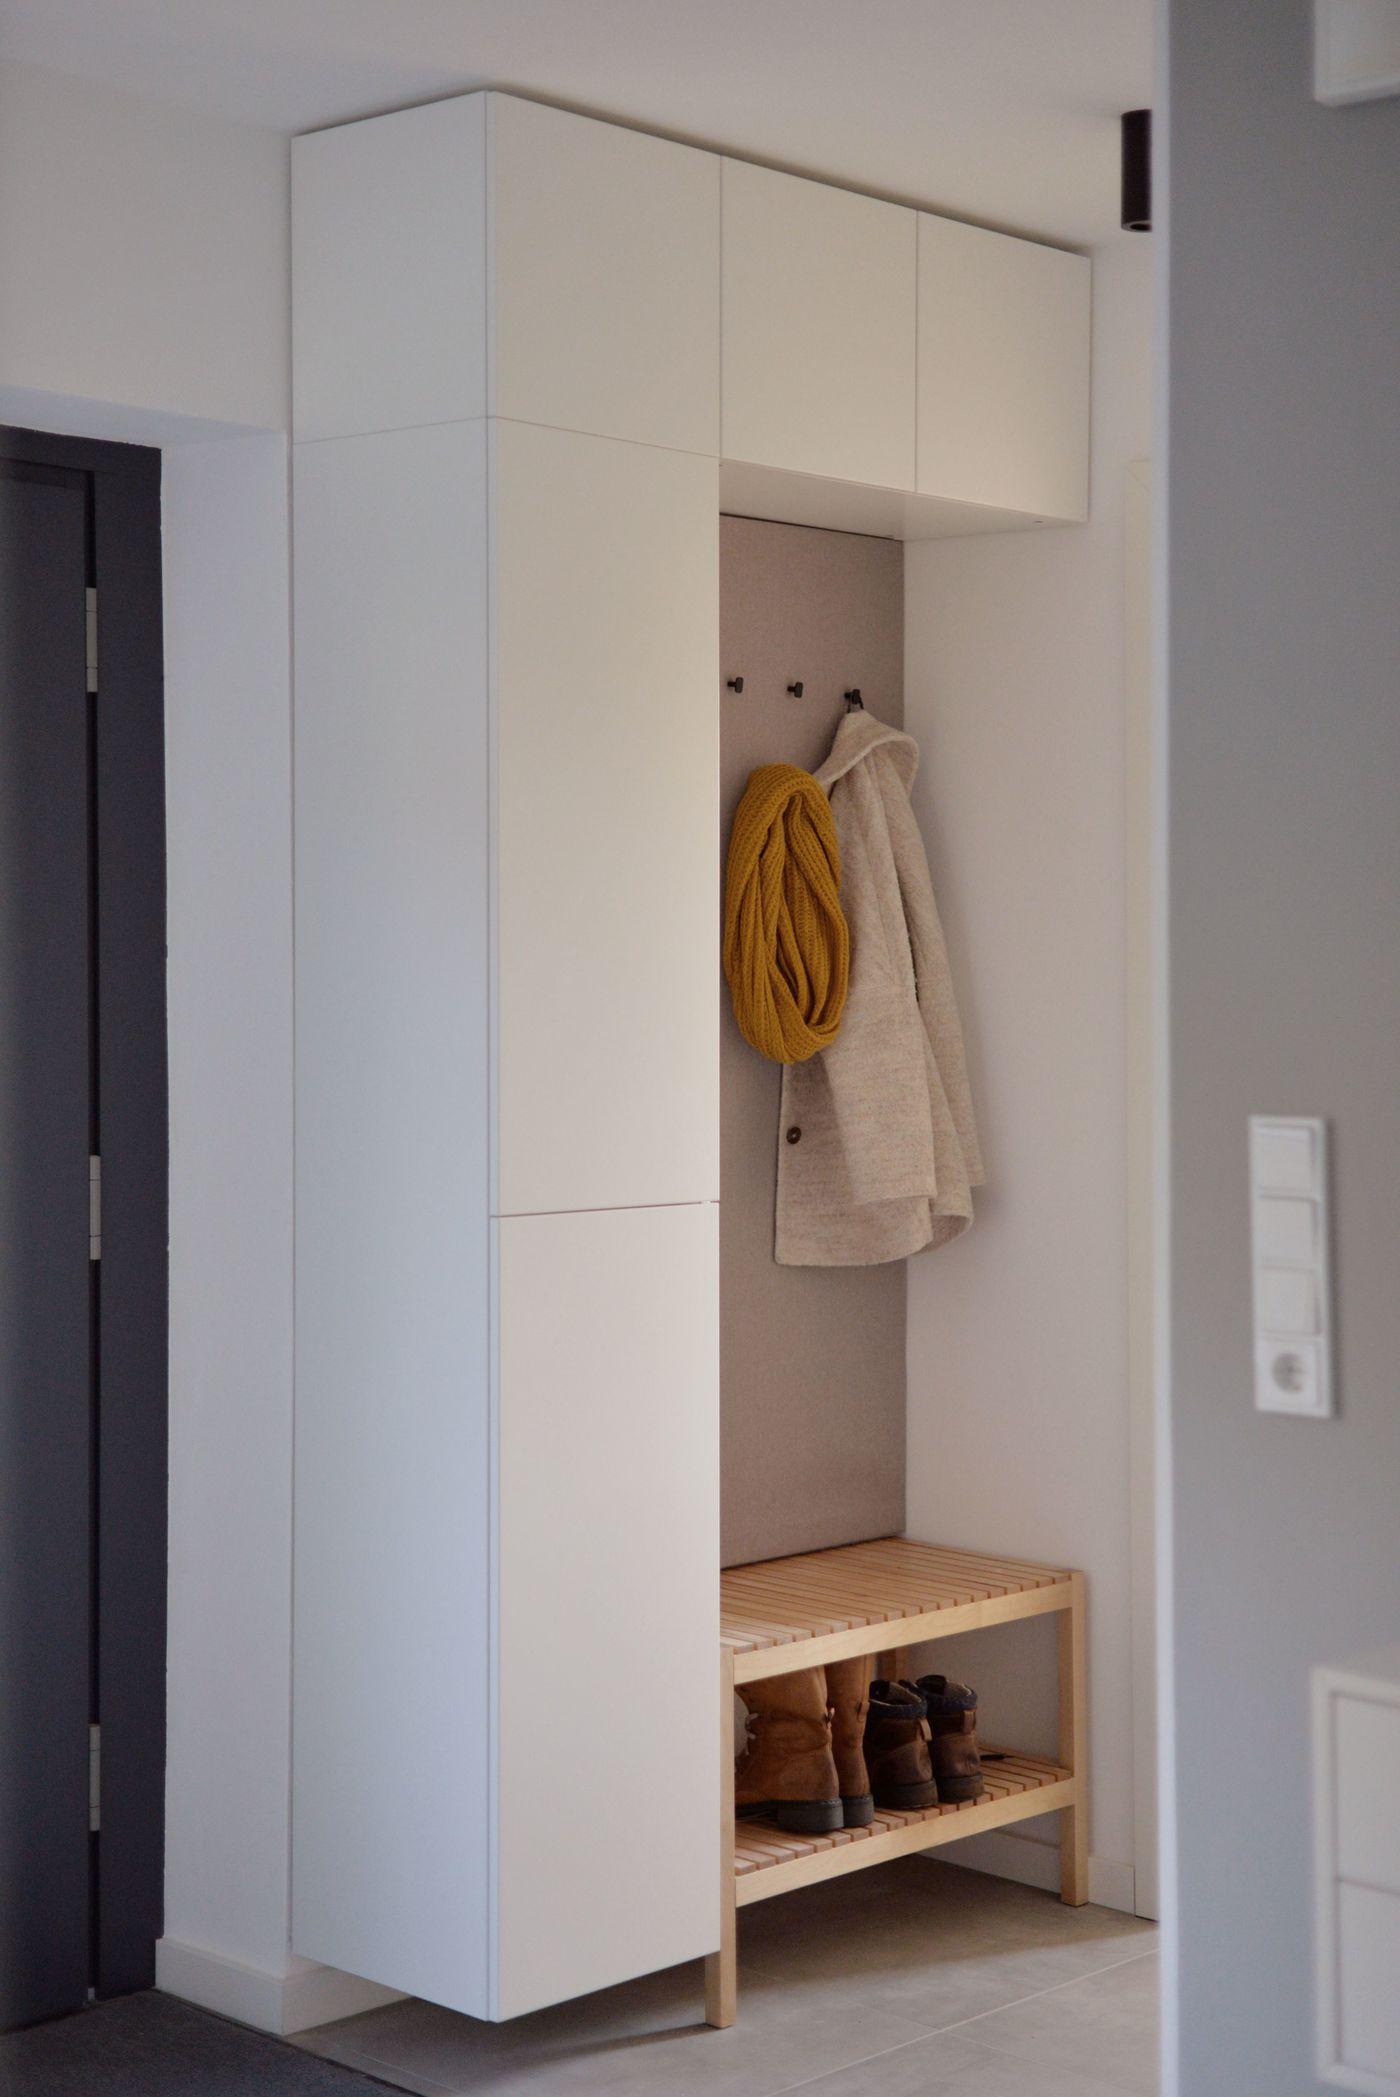 Full Size of Ikea Hack Sitzbank Esszimmer Besten Ideen Fr Hacks Modulküche Küche Mit Lehne Bad Schlafzimmer Kosten Betten Bei Sofa Für 160x200 Garten Kaufen Wohnzimmer Ikea Hack Sitzbank Esszimmer